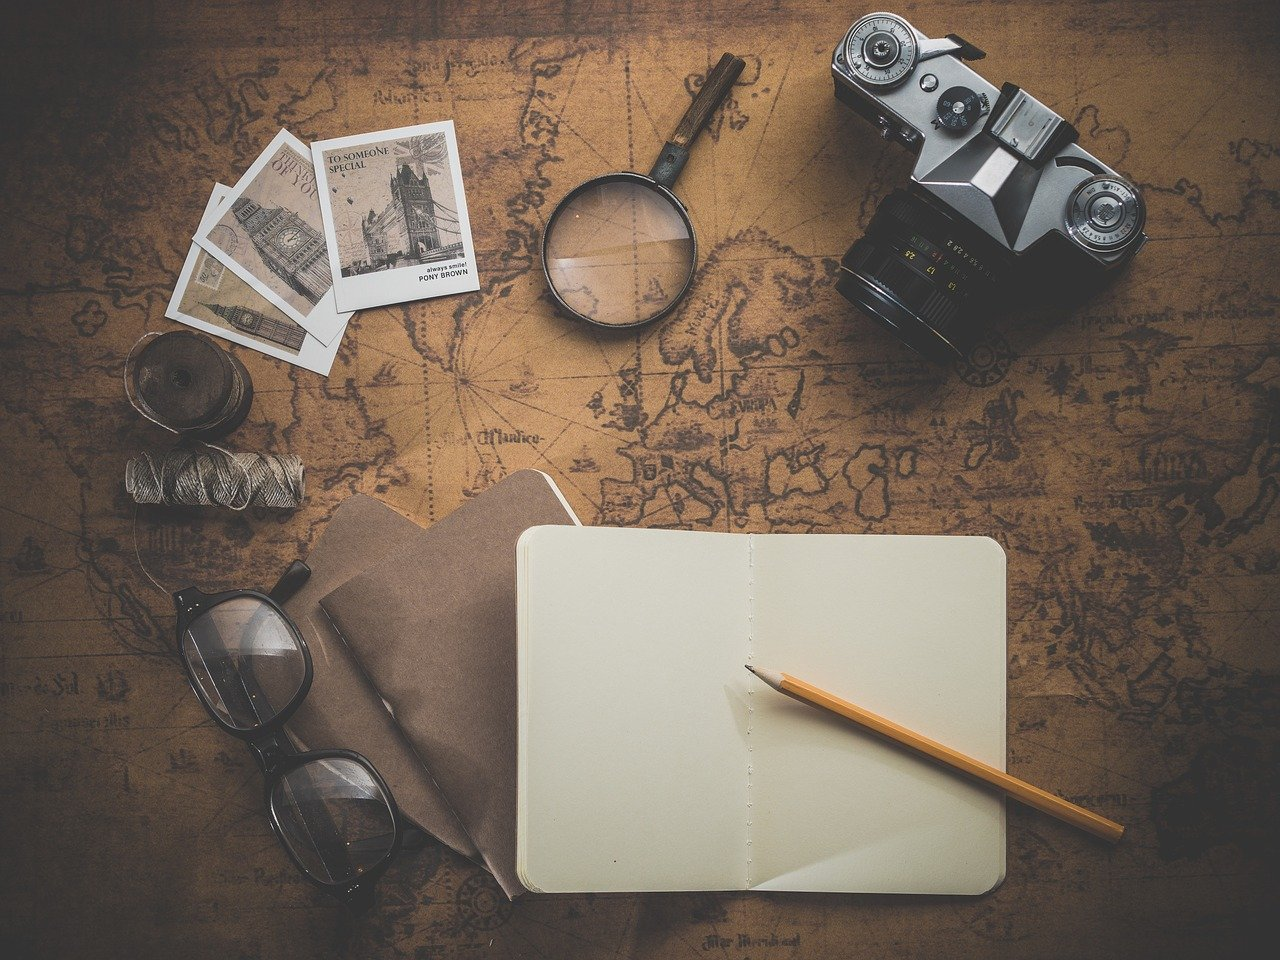 Interaktive weltweite Fotospotkarte. So findet man die besten Fotospots auf der Welt